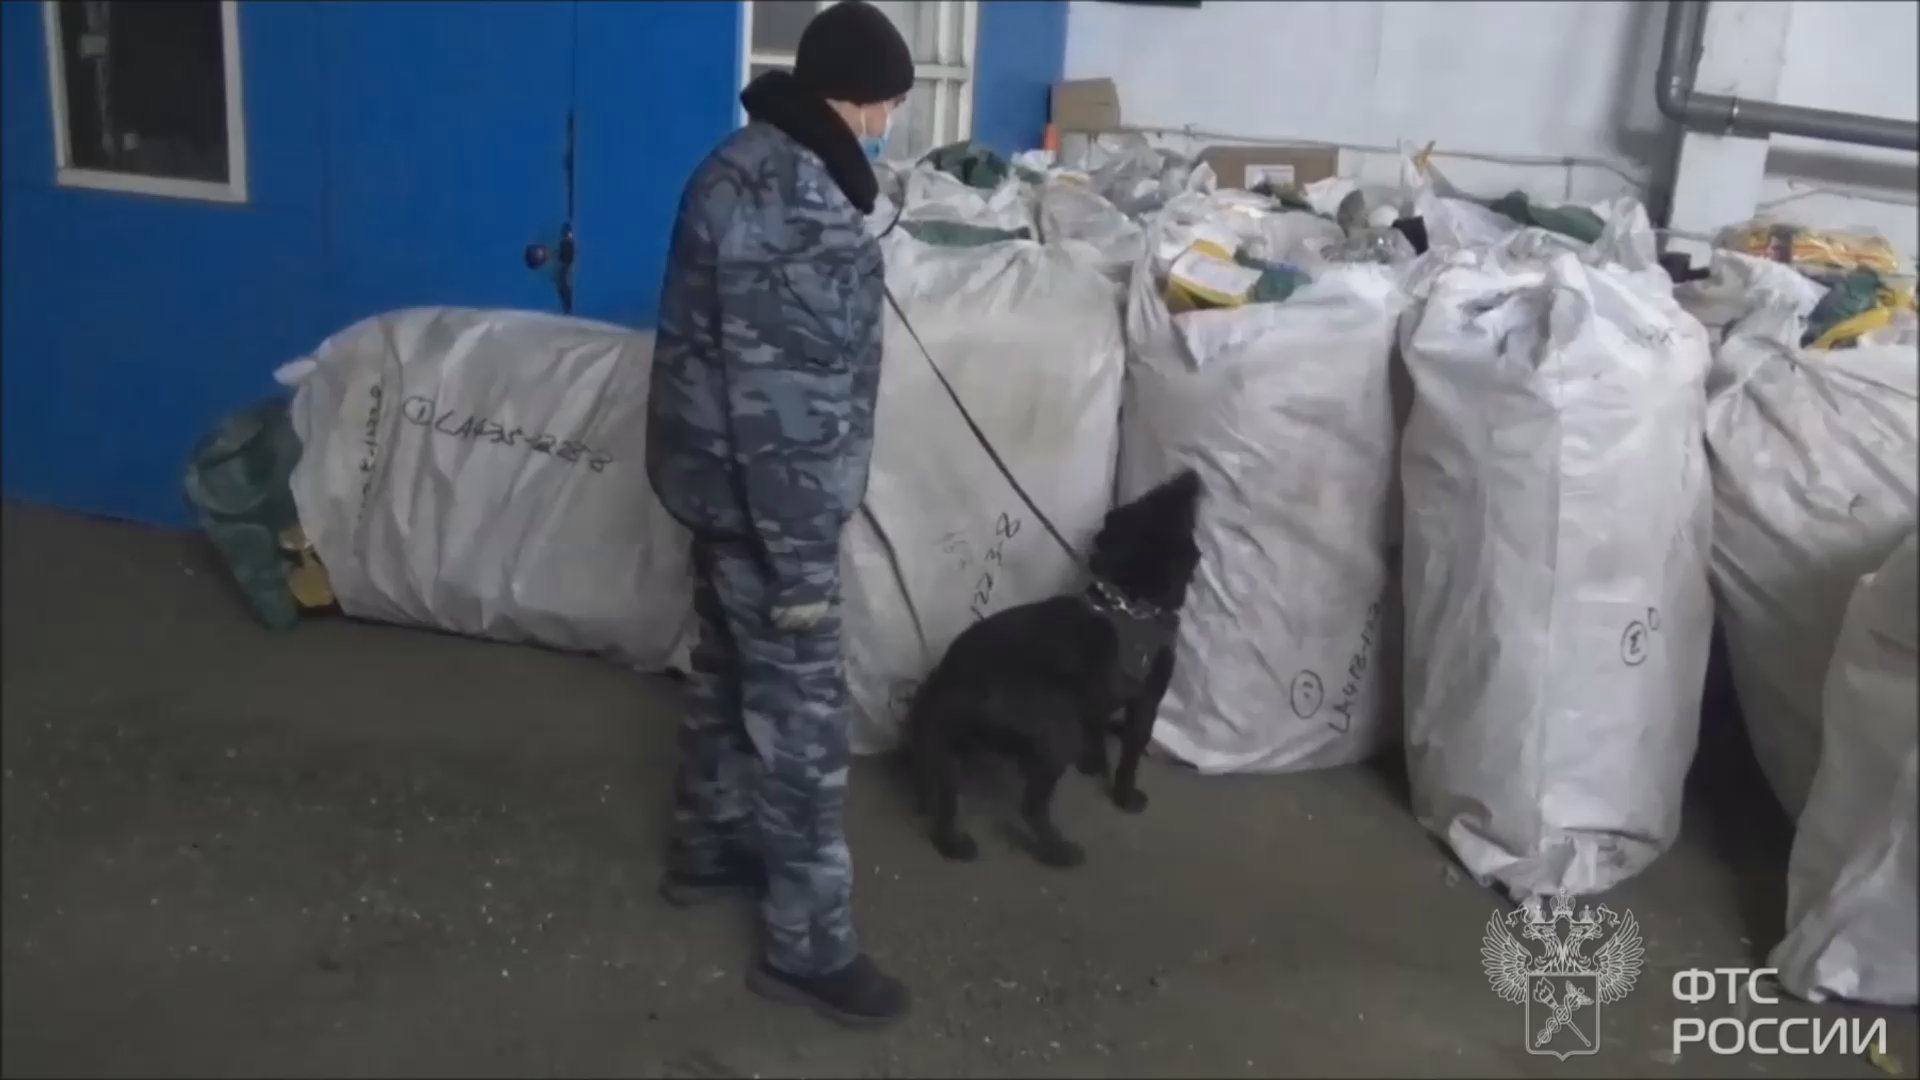 Уральские таможенники задержали 11 тонн контрафактной одежды